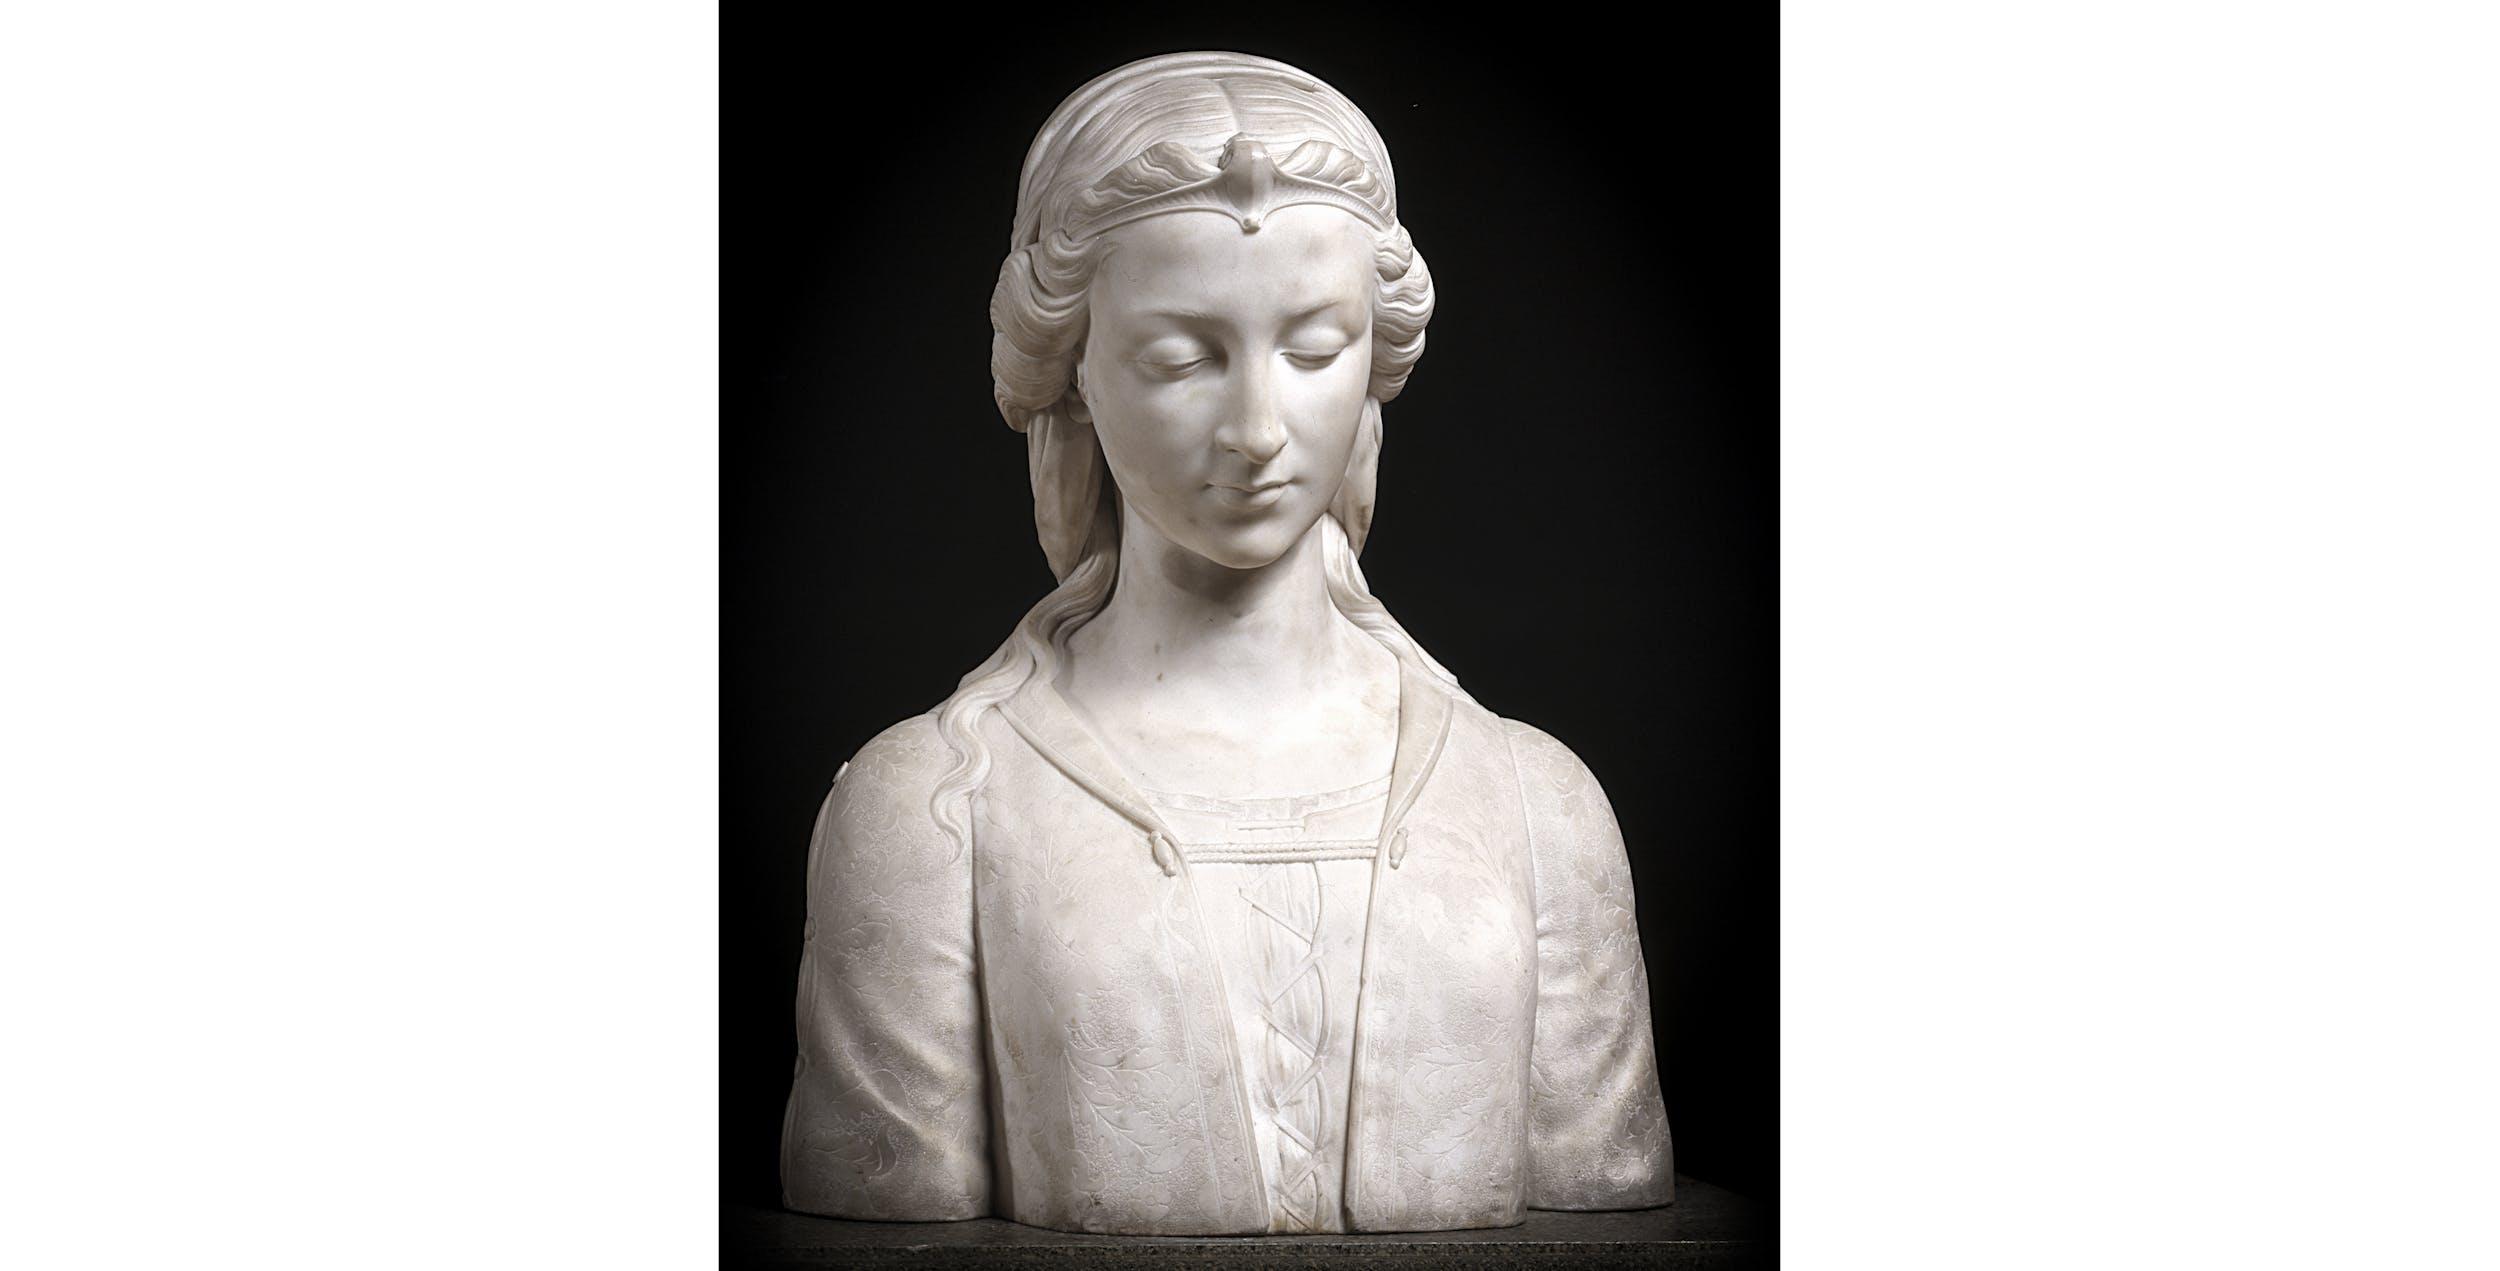 Giovanni Bastianini, Busto di Piccarda Donati, Palazzo Pitti, Galleria d'Arte Moderna